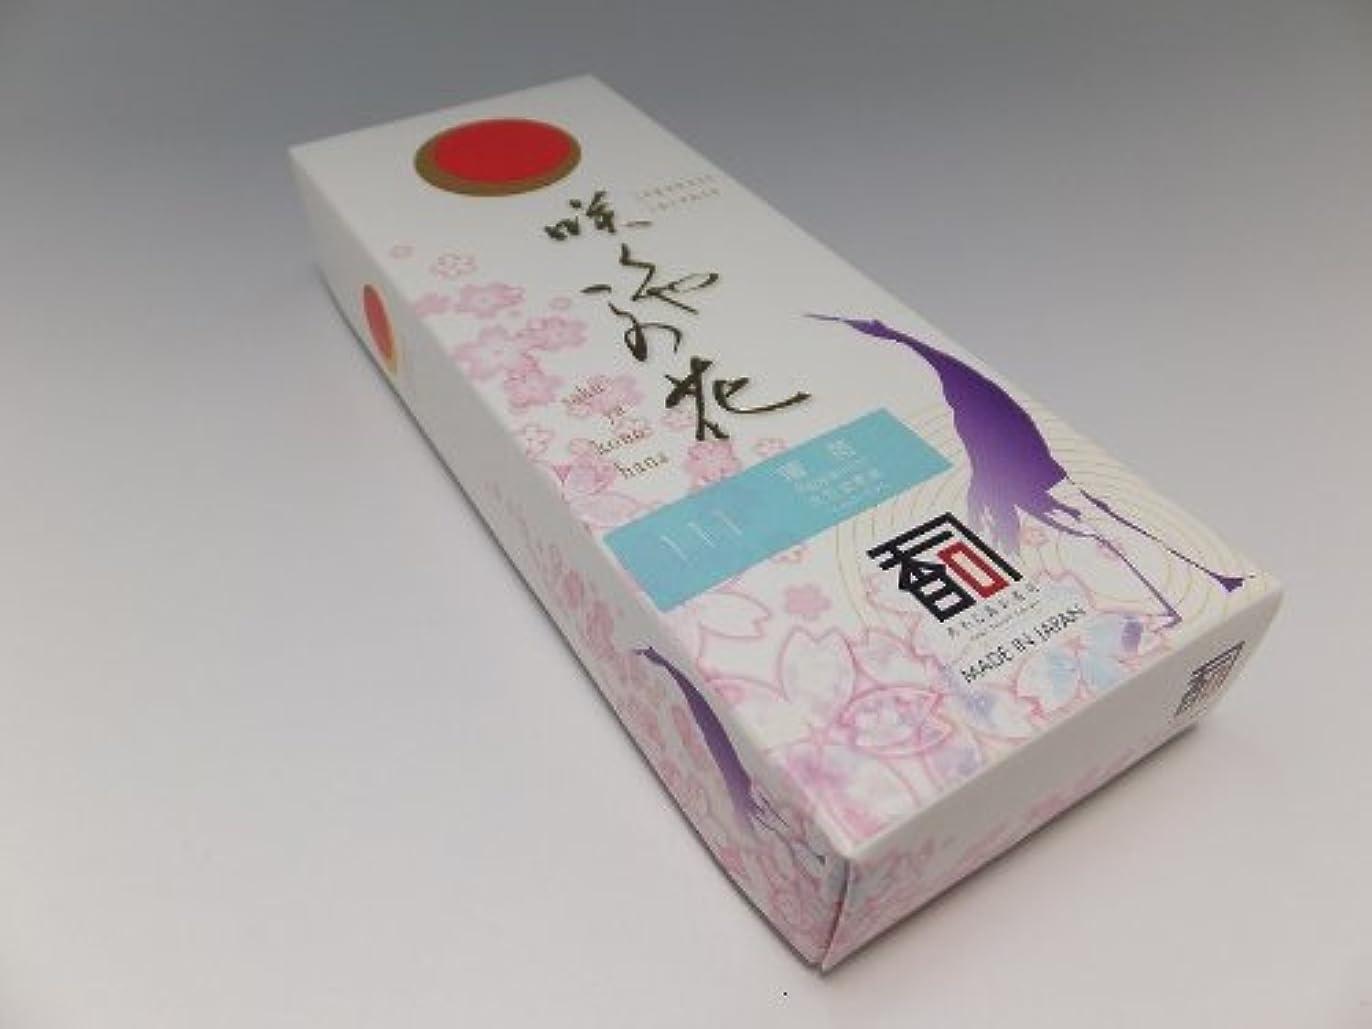 前部コック聴覚「あわじ島の香司」 日本の香りシリーズ  [咲くや この花] 【111】 薄荷 (煙少)